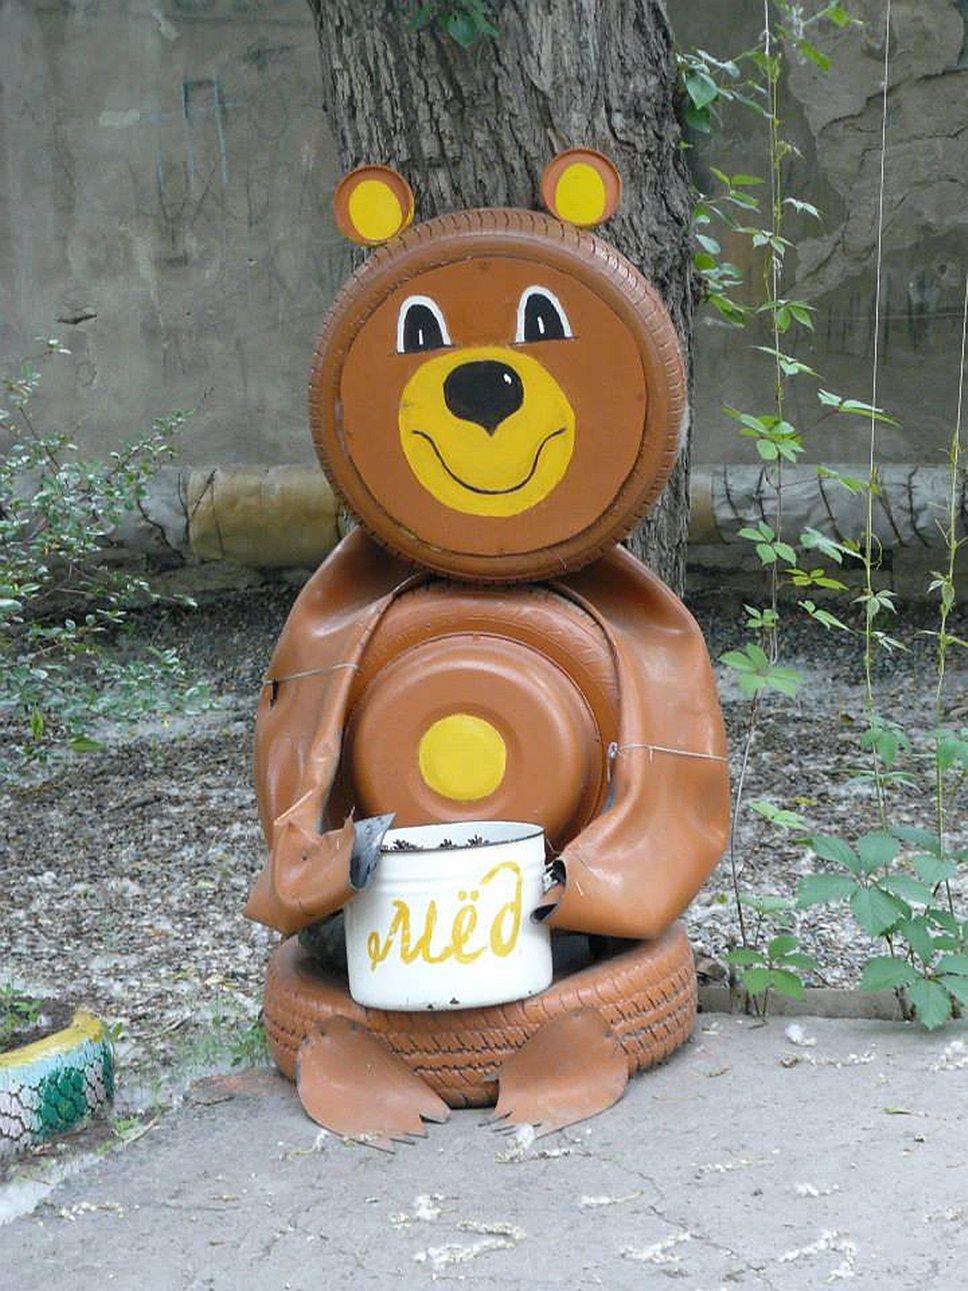 Такие медведи водятся в городе Бийске Алтайского края